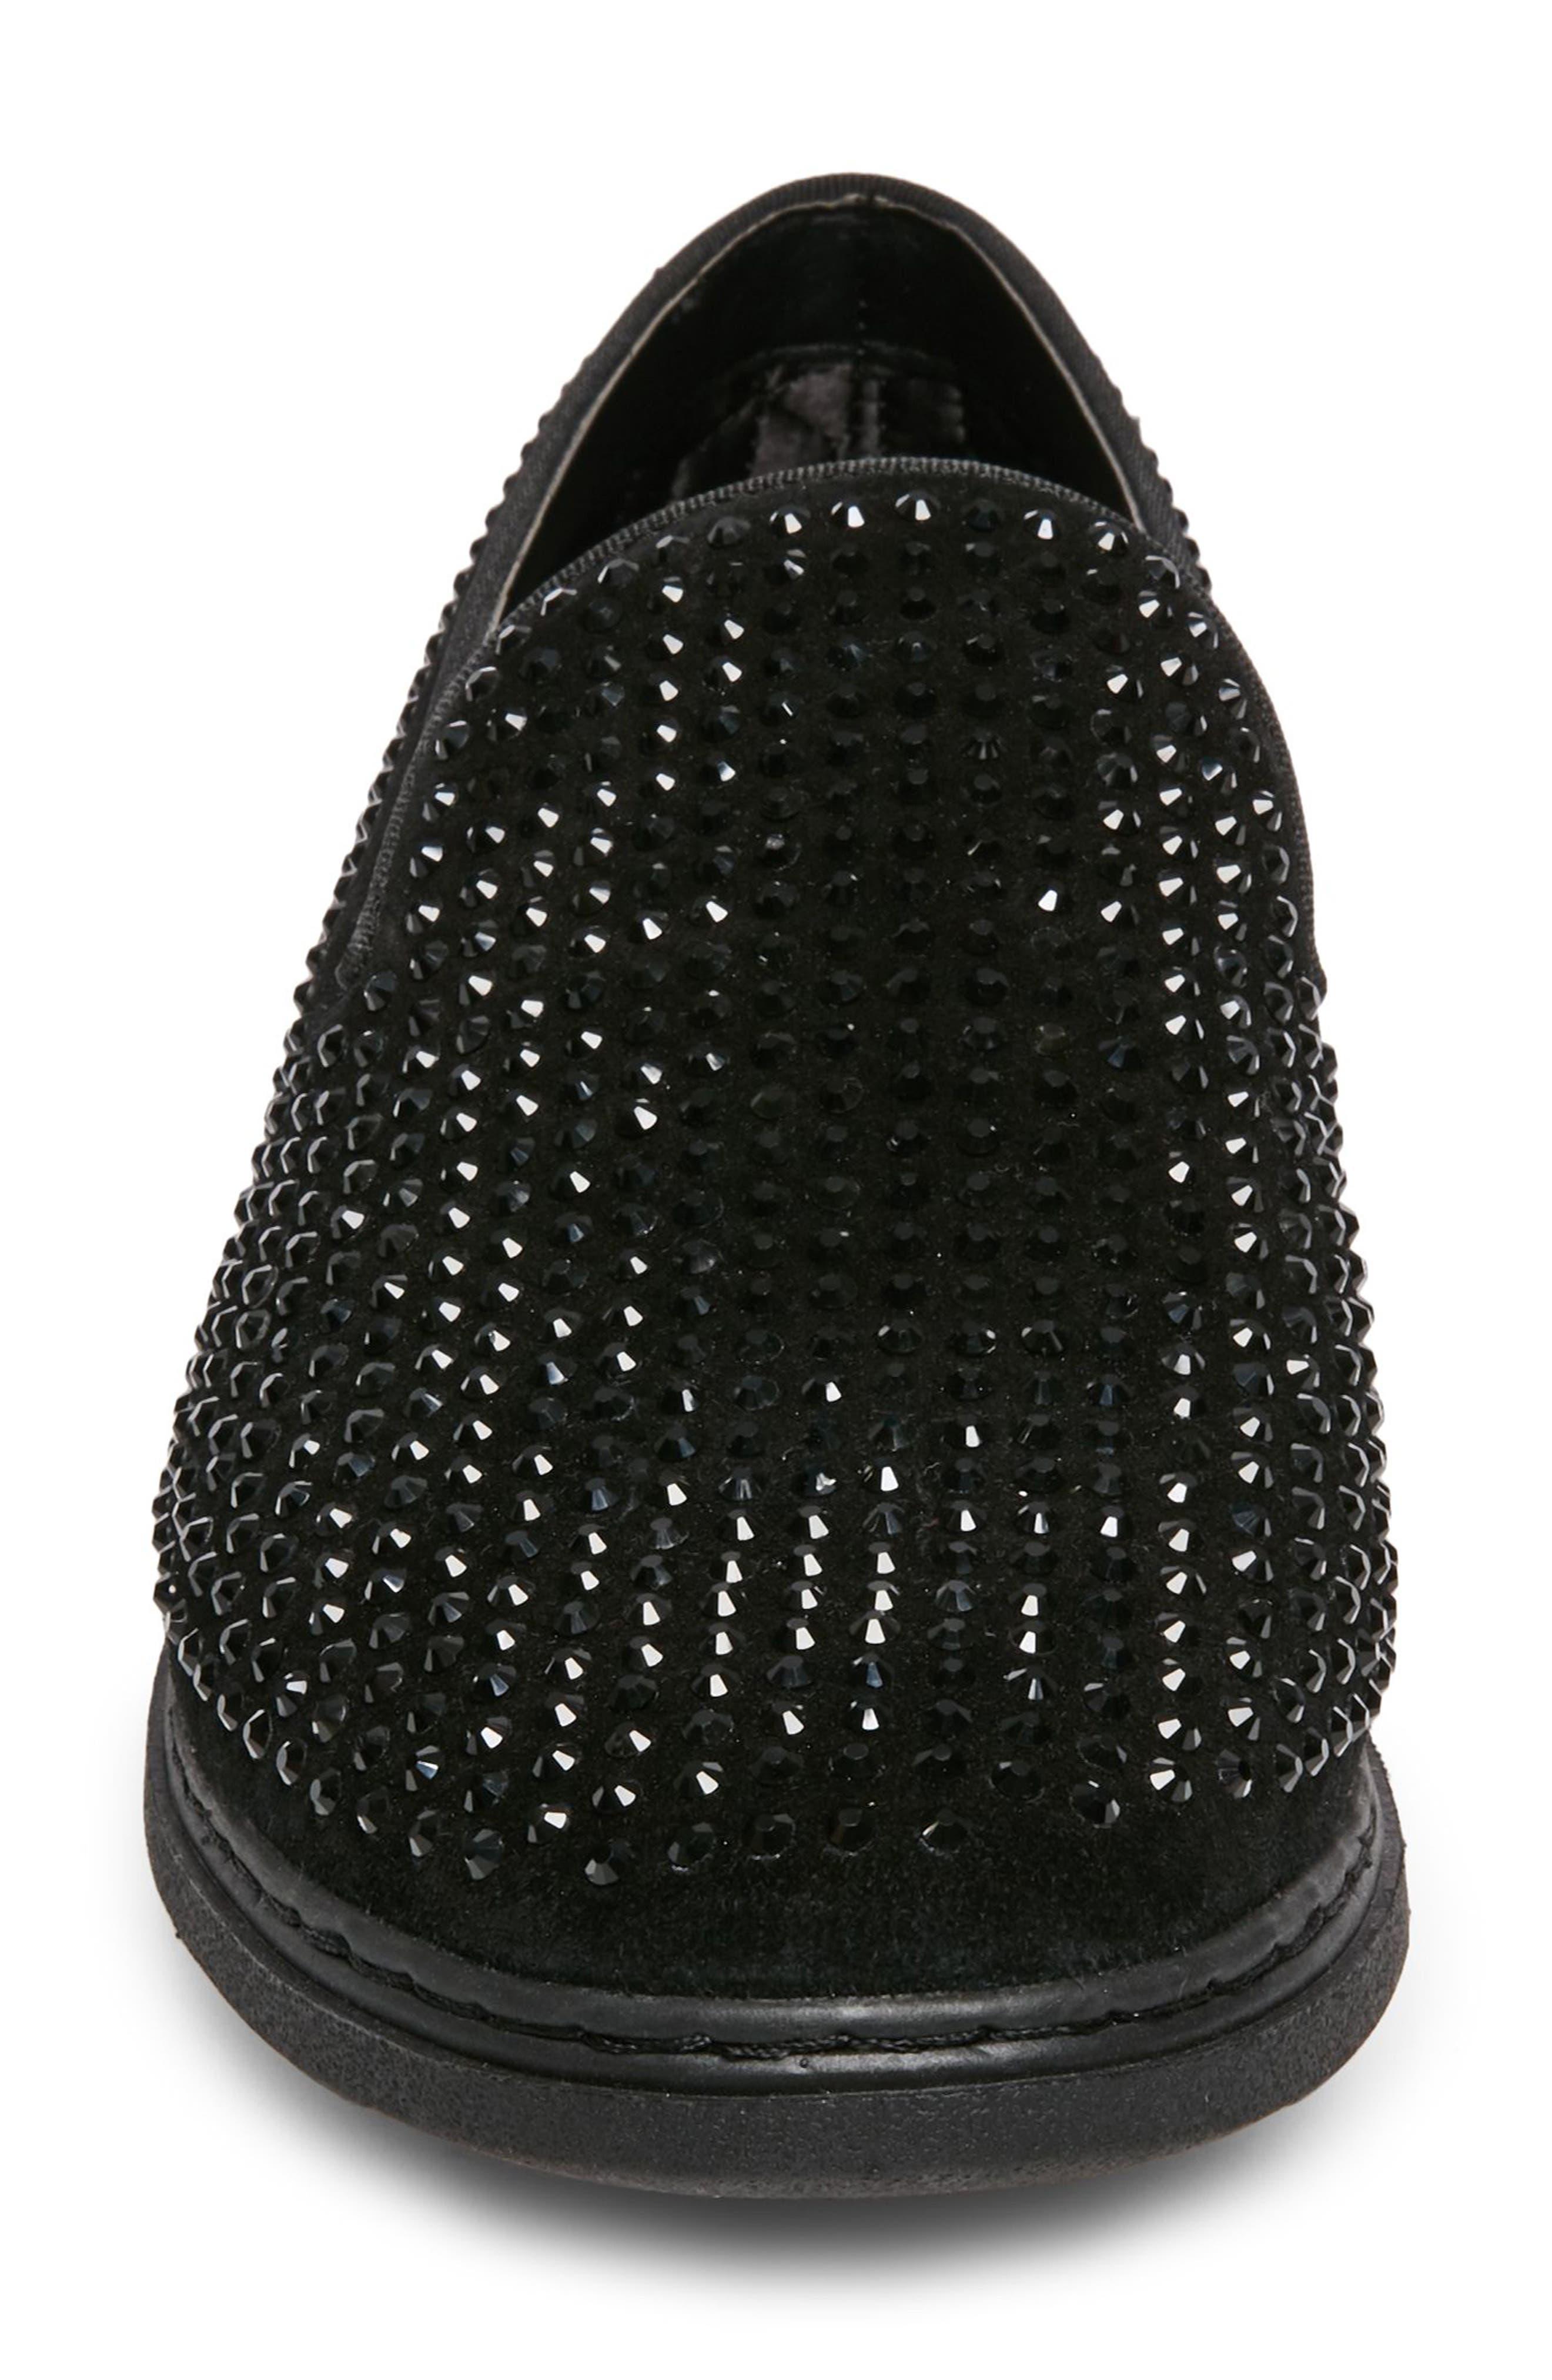 Grinder Embellished Venetian Loafer,                             Alternate thumbnail 4, color,                             BLACK LEATHER